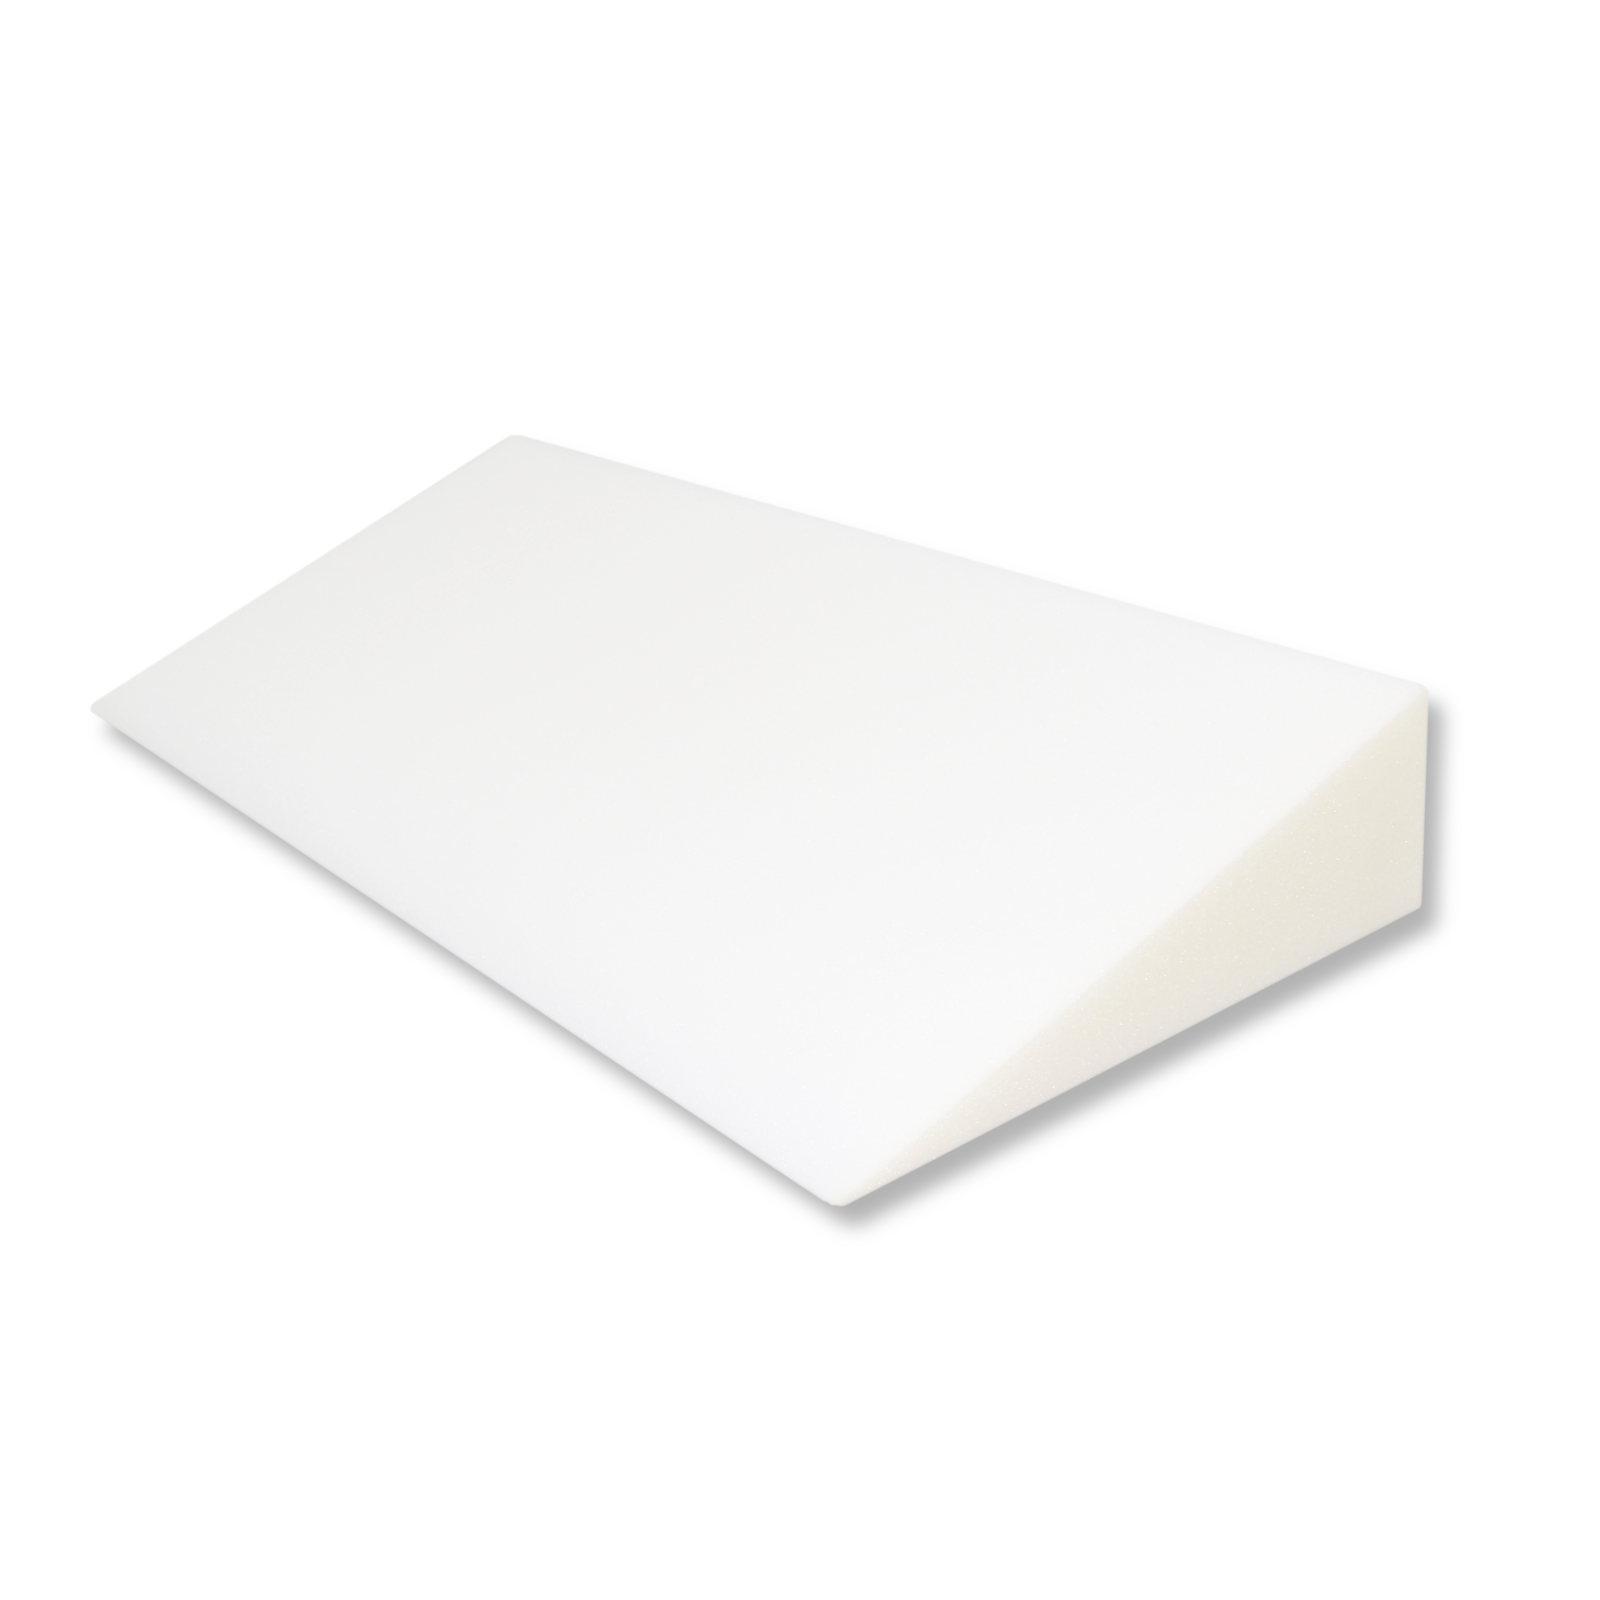 Keilkissen Bettkeil 14 5 1cm für Wasserbett oder Matratzen